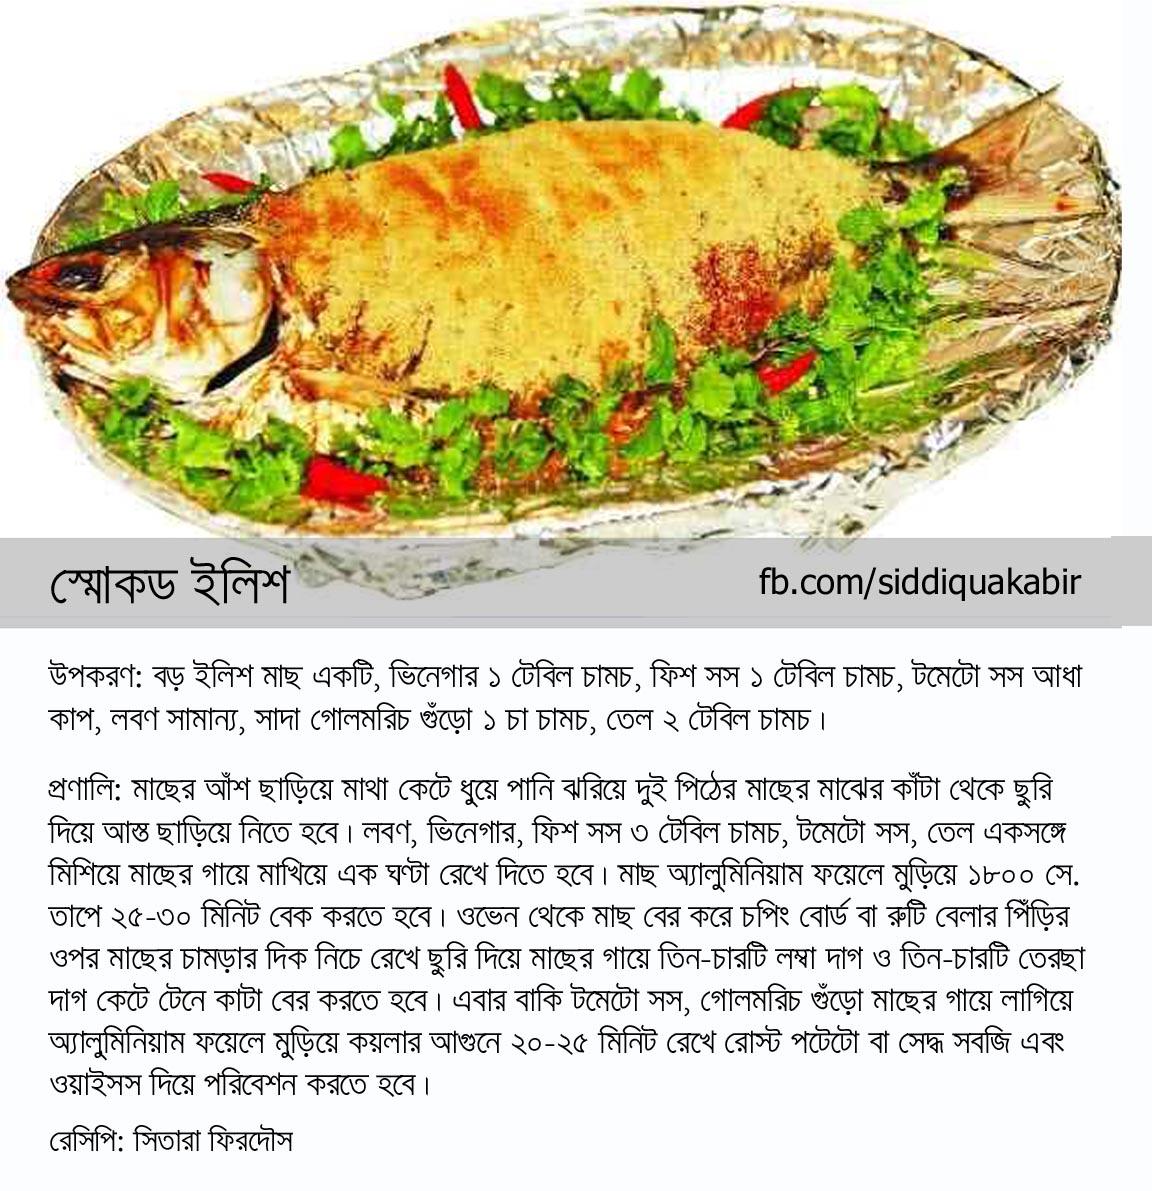 Siddika kabir recipe book pdf download forumfinder Images